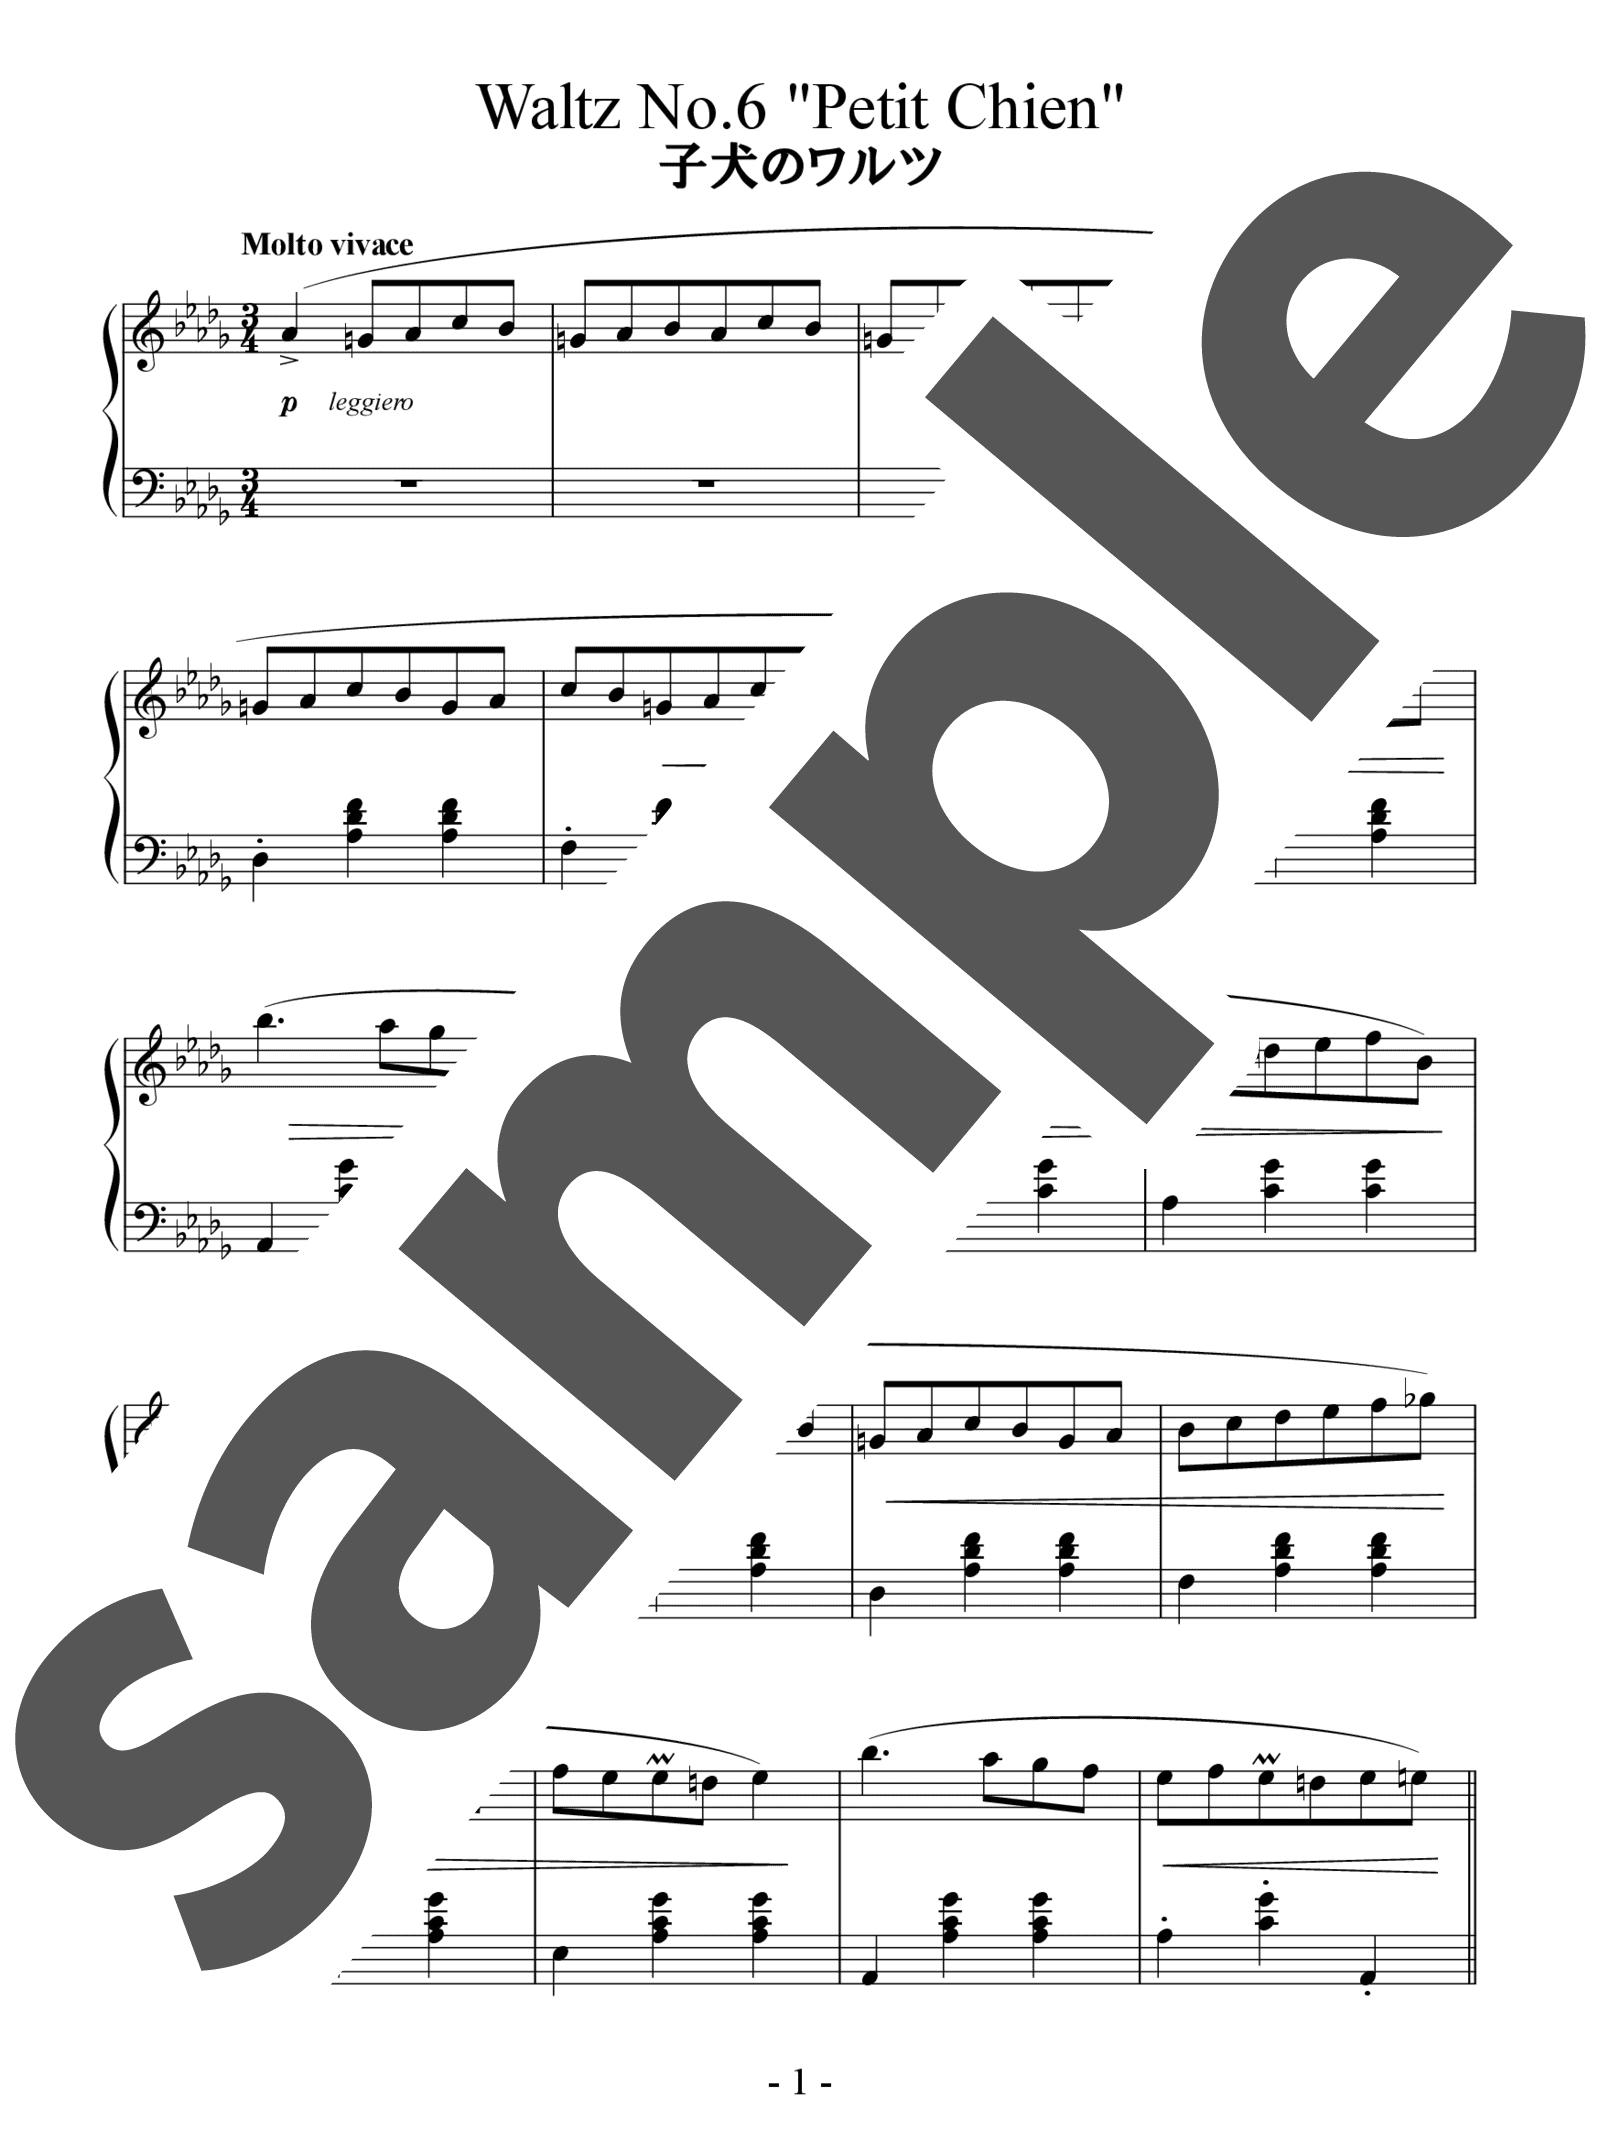 「子犬のワルツ」のサンプル楽譜